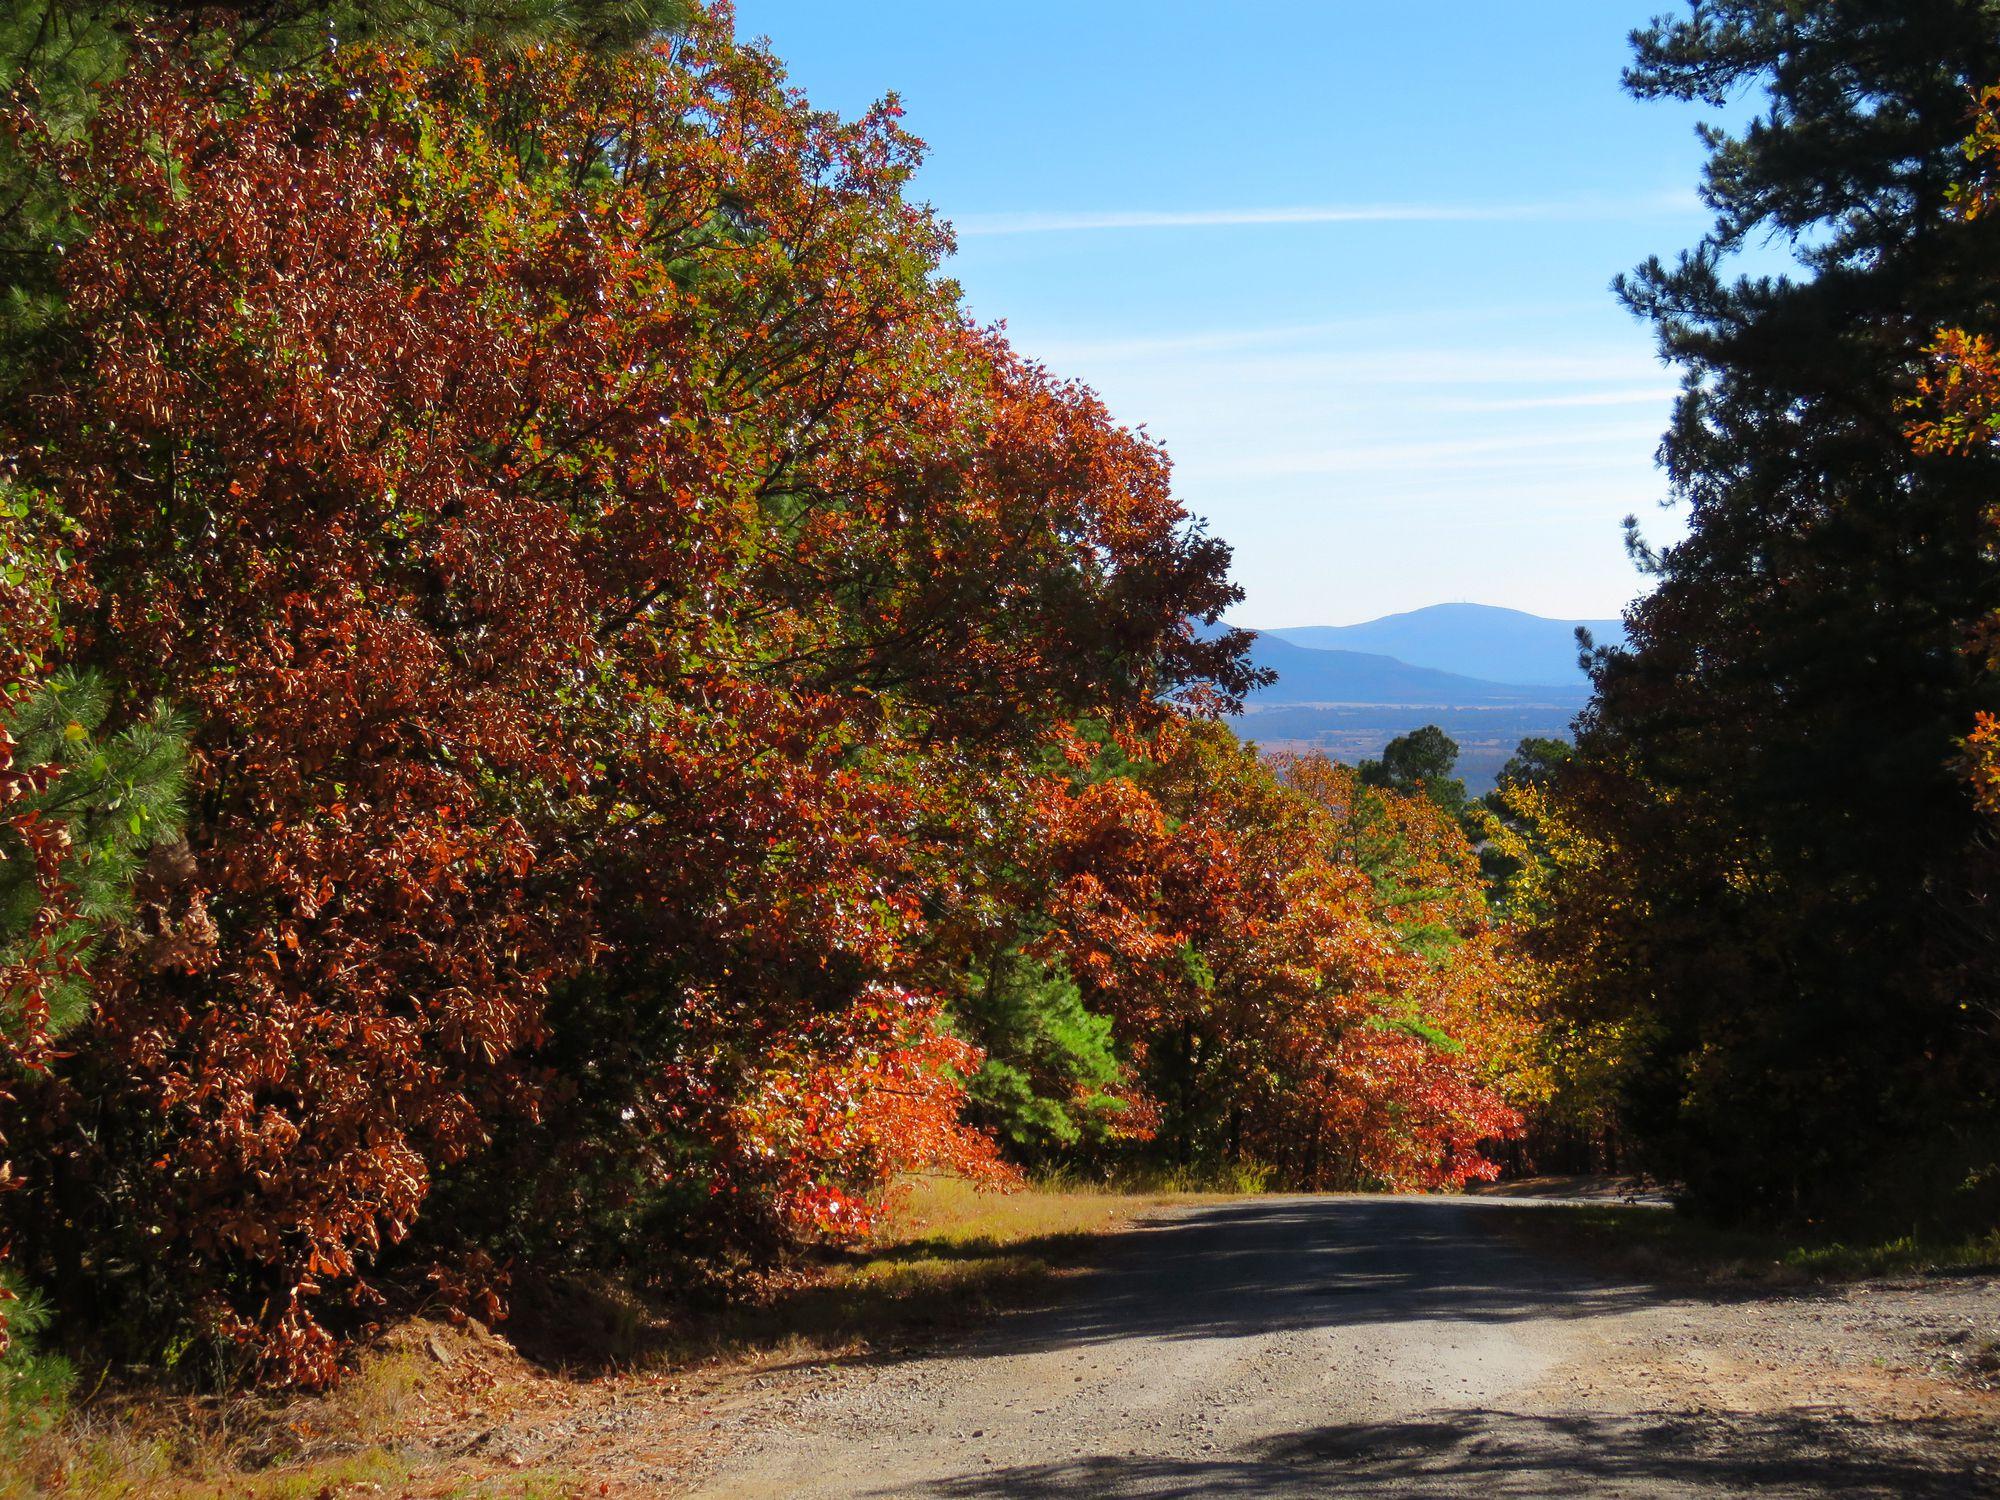 Oklahoma mountain scenery in autumn